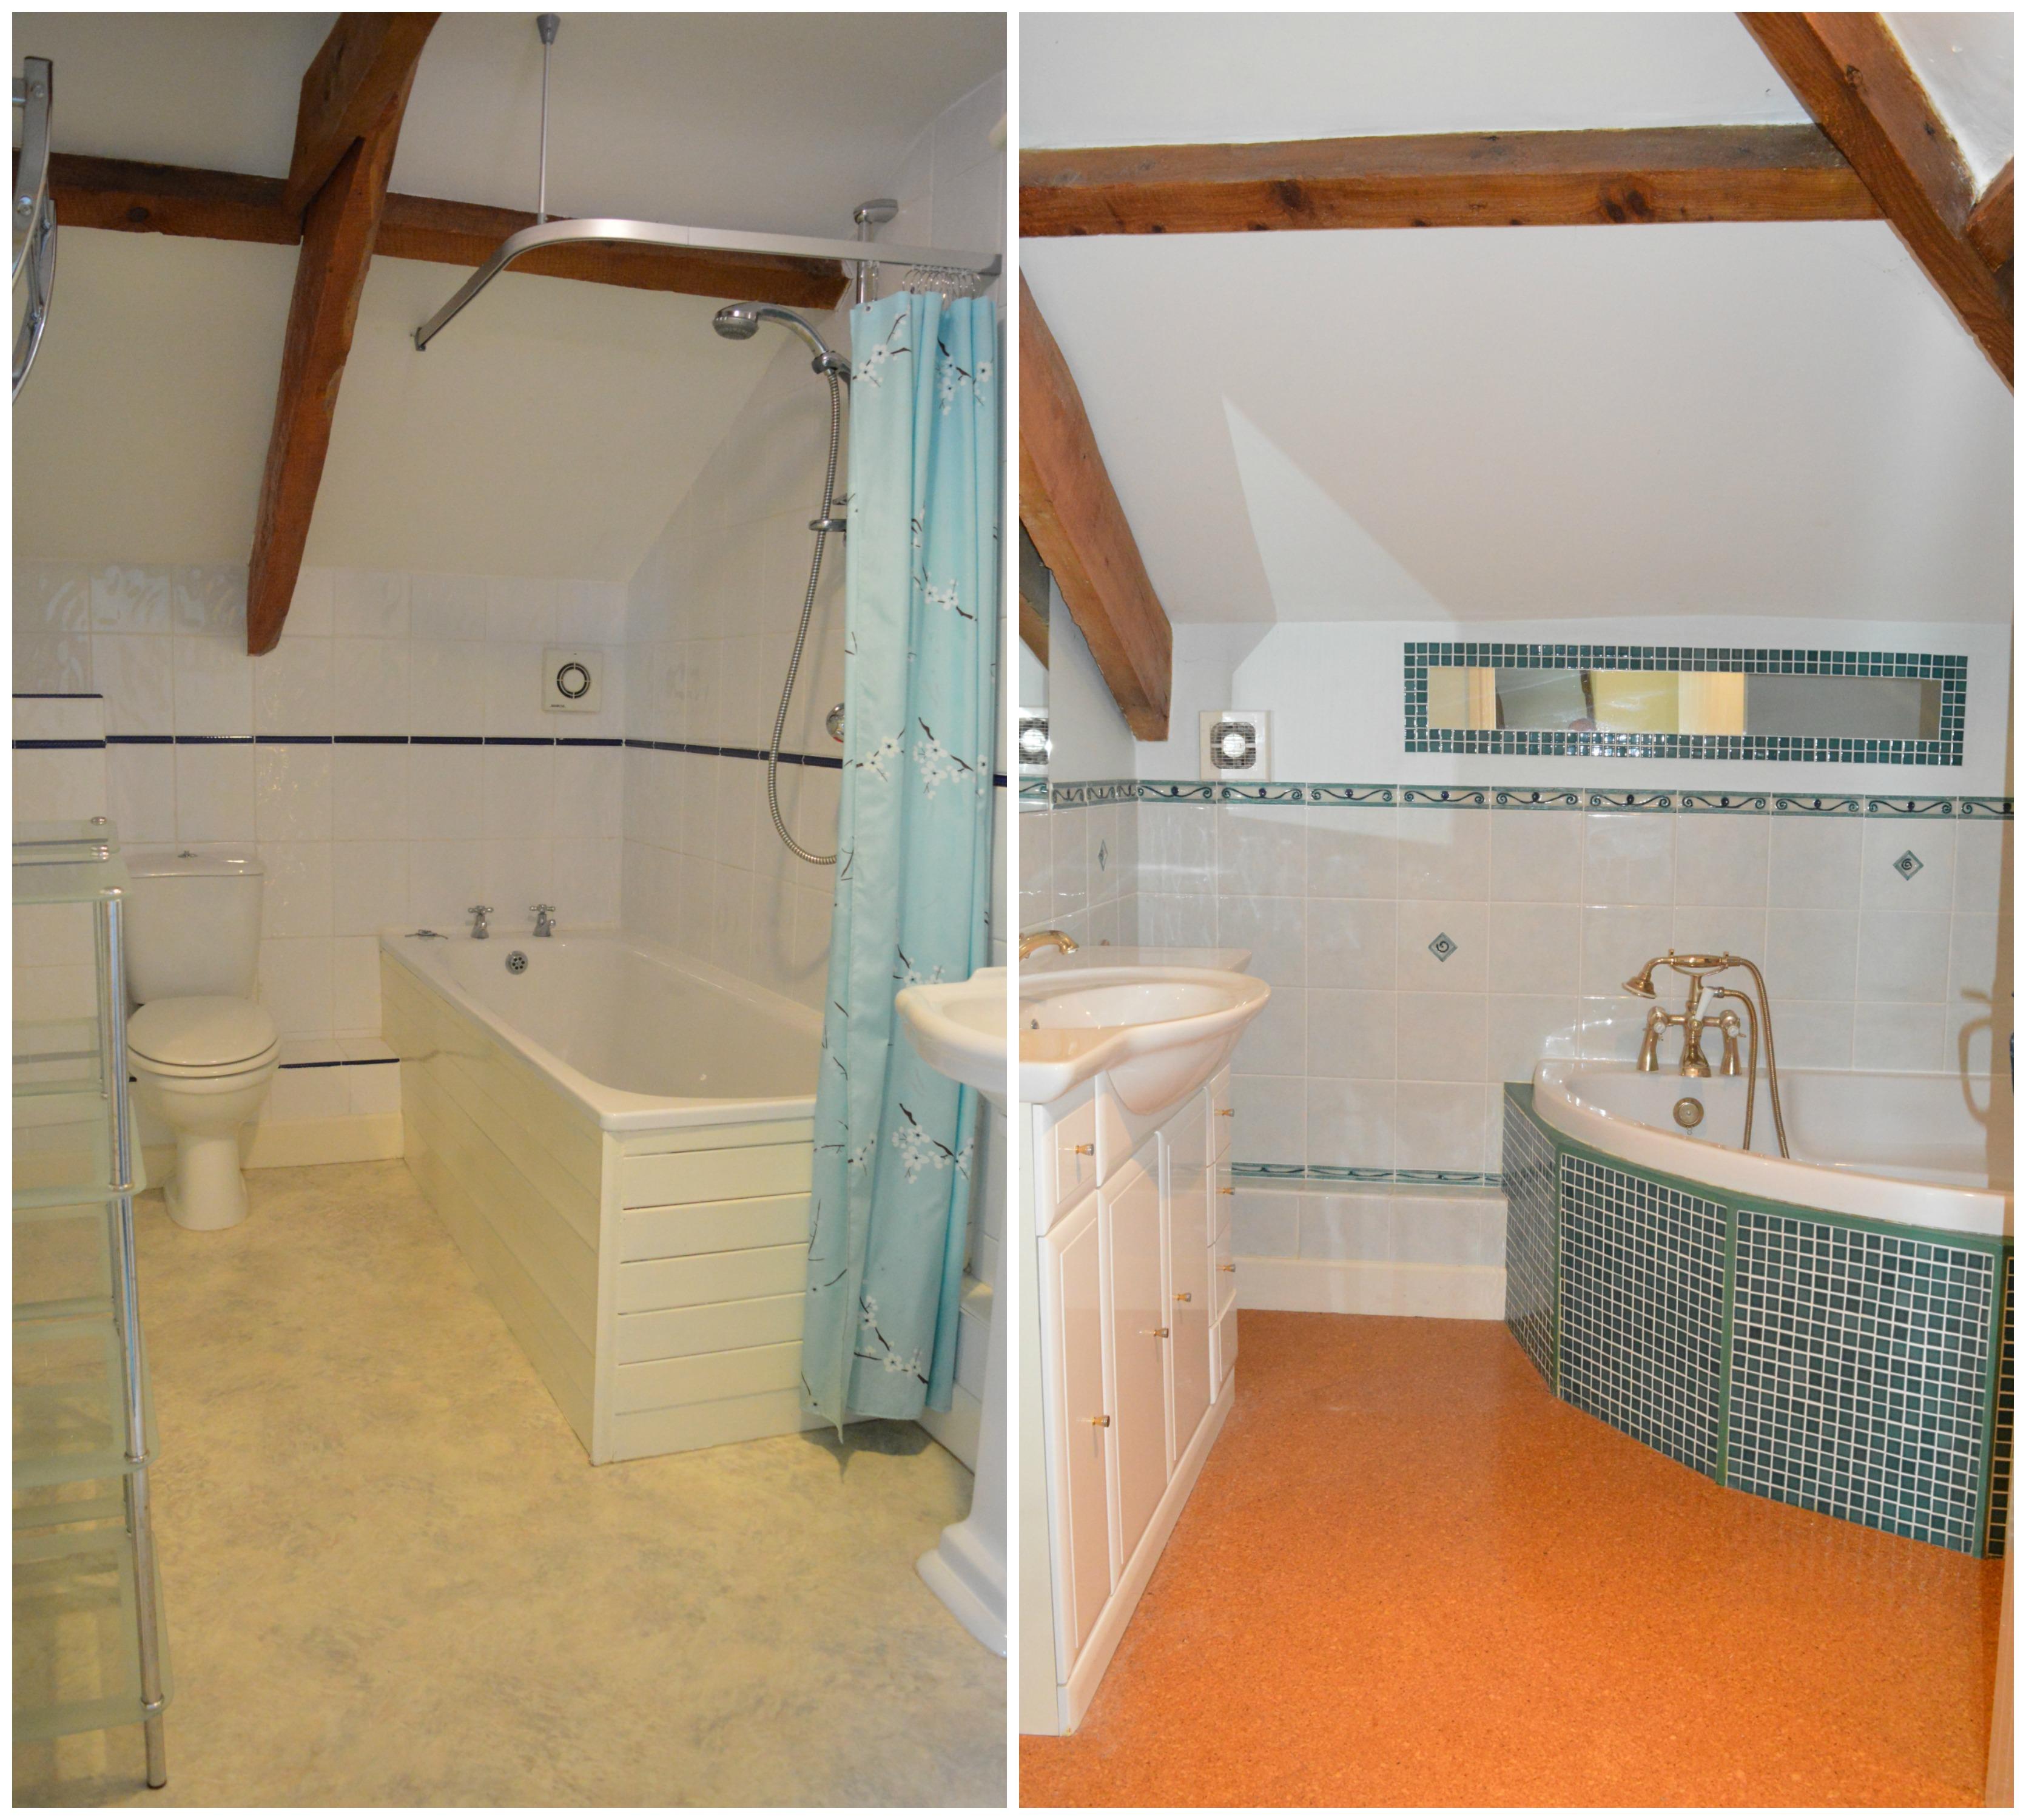 3 Bedroom Barn Conversion For Sale, Combeinteignhead